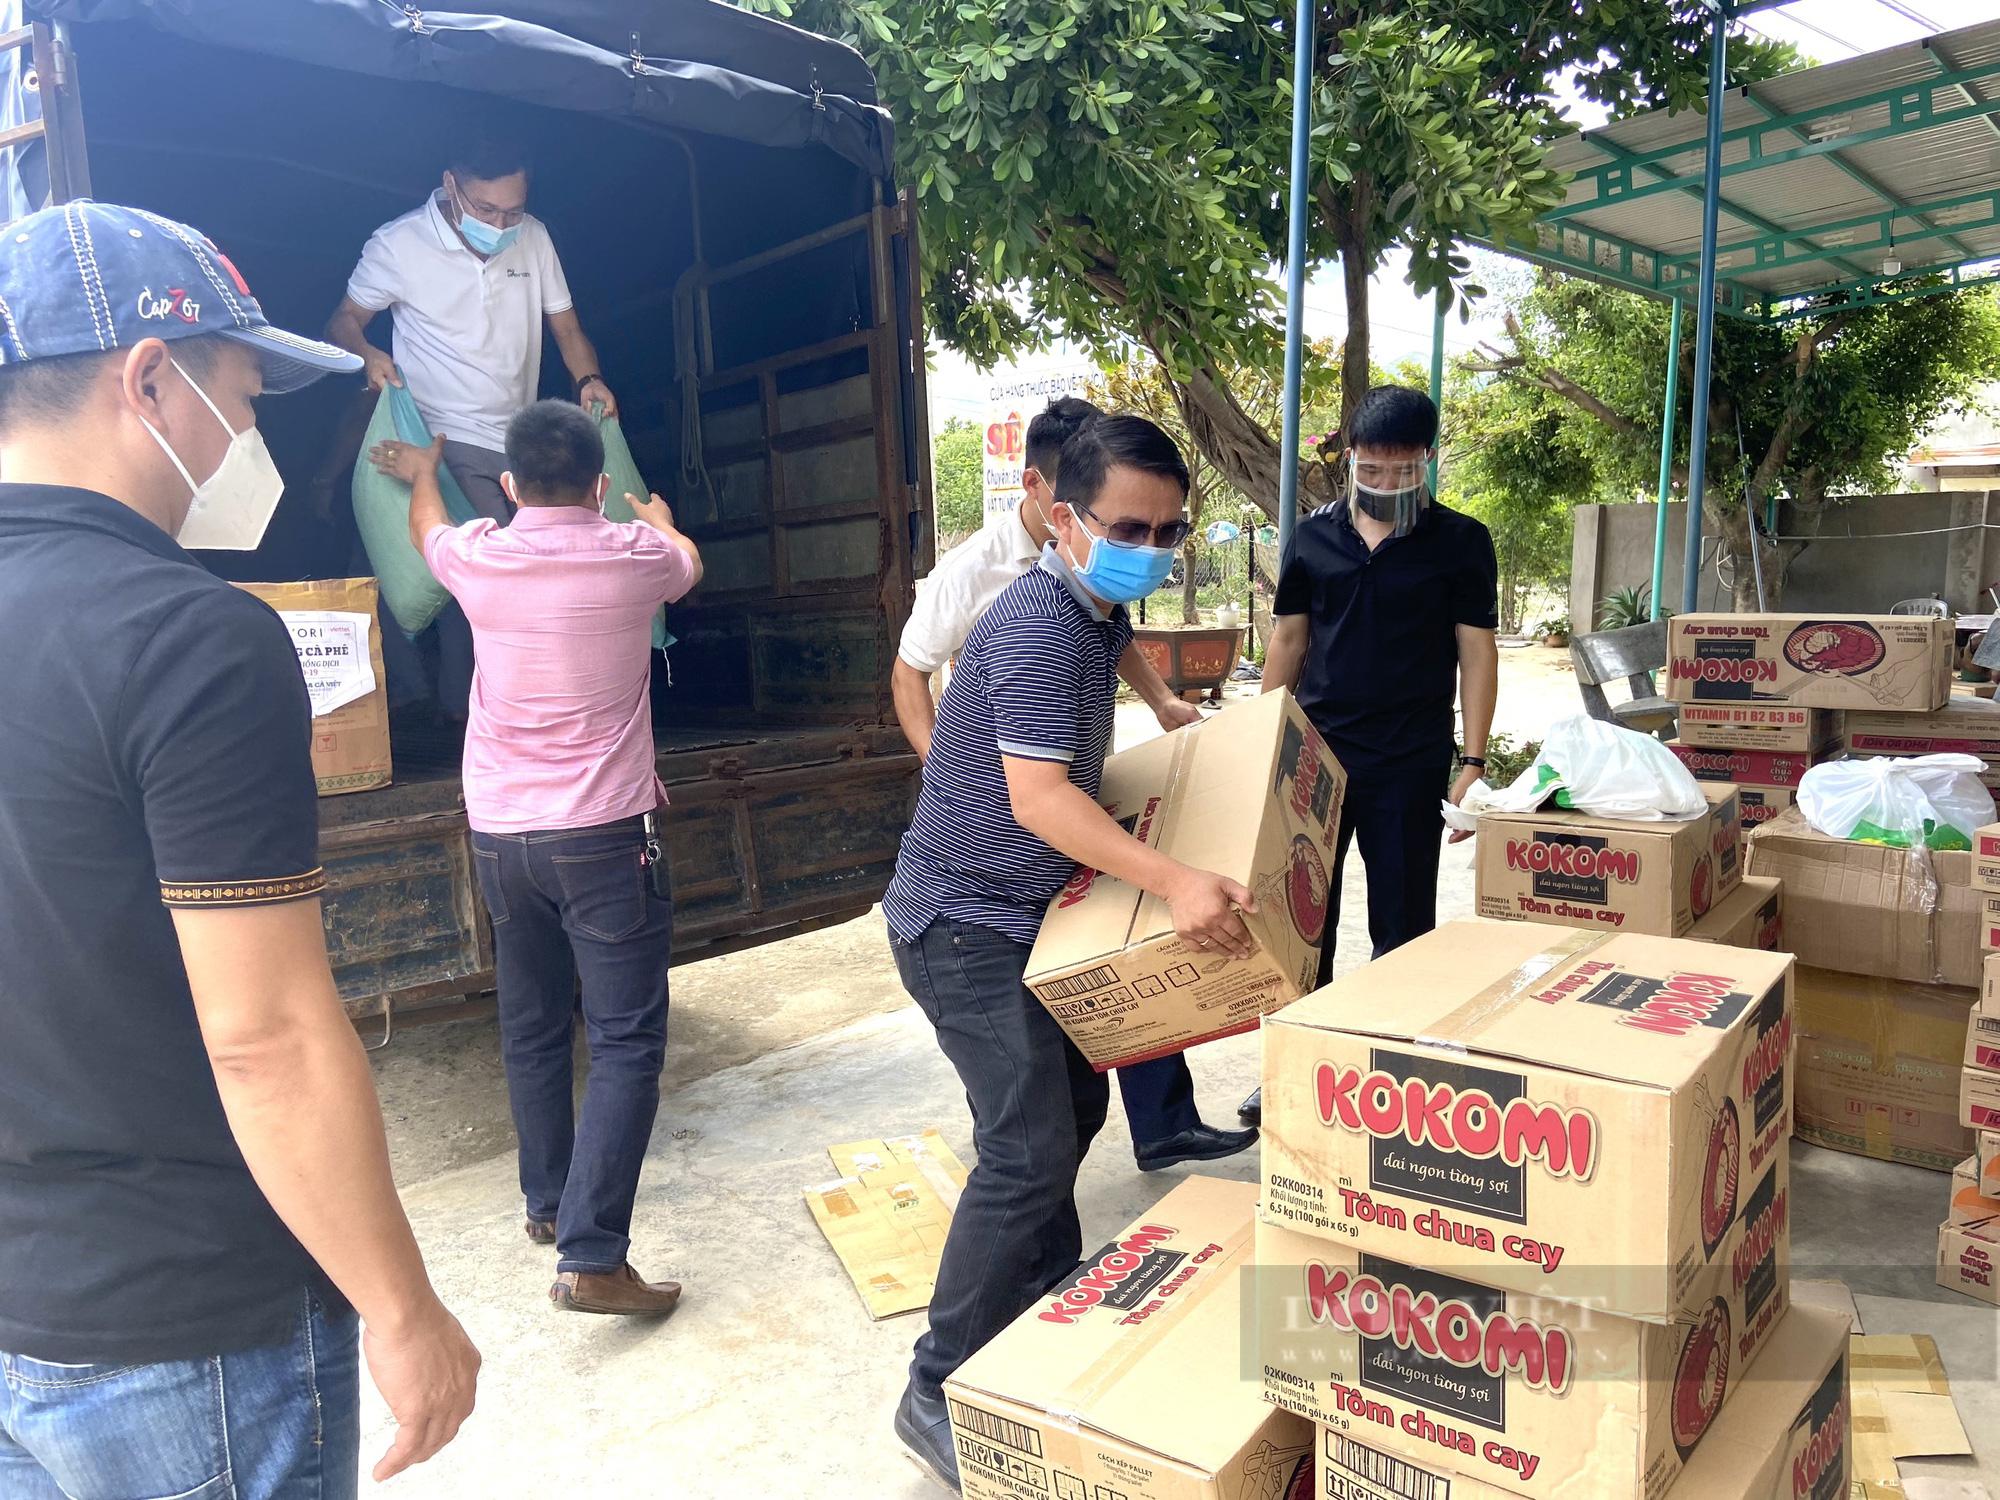 Đắk Lắk: Khởi tố vụ án vì làm lây lan dịch bệnh cho nhiều người ở huyện vùng sâu - Ảnh 2.